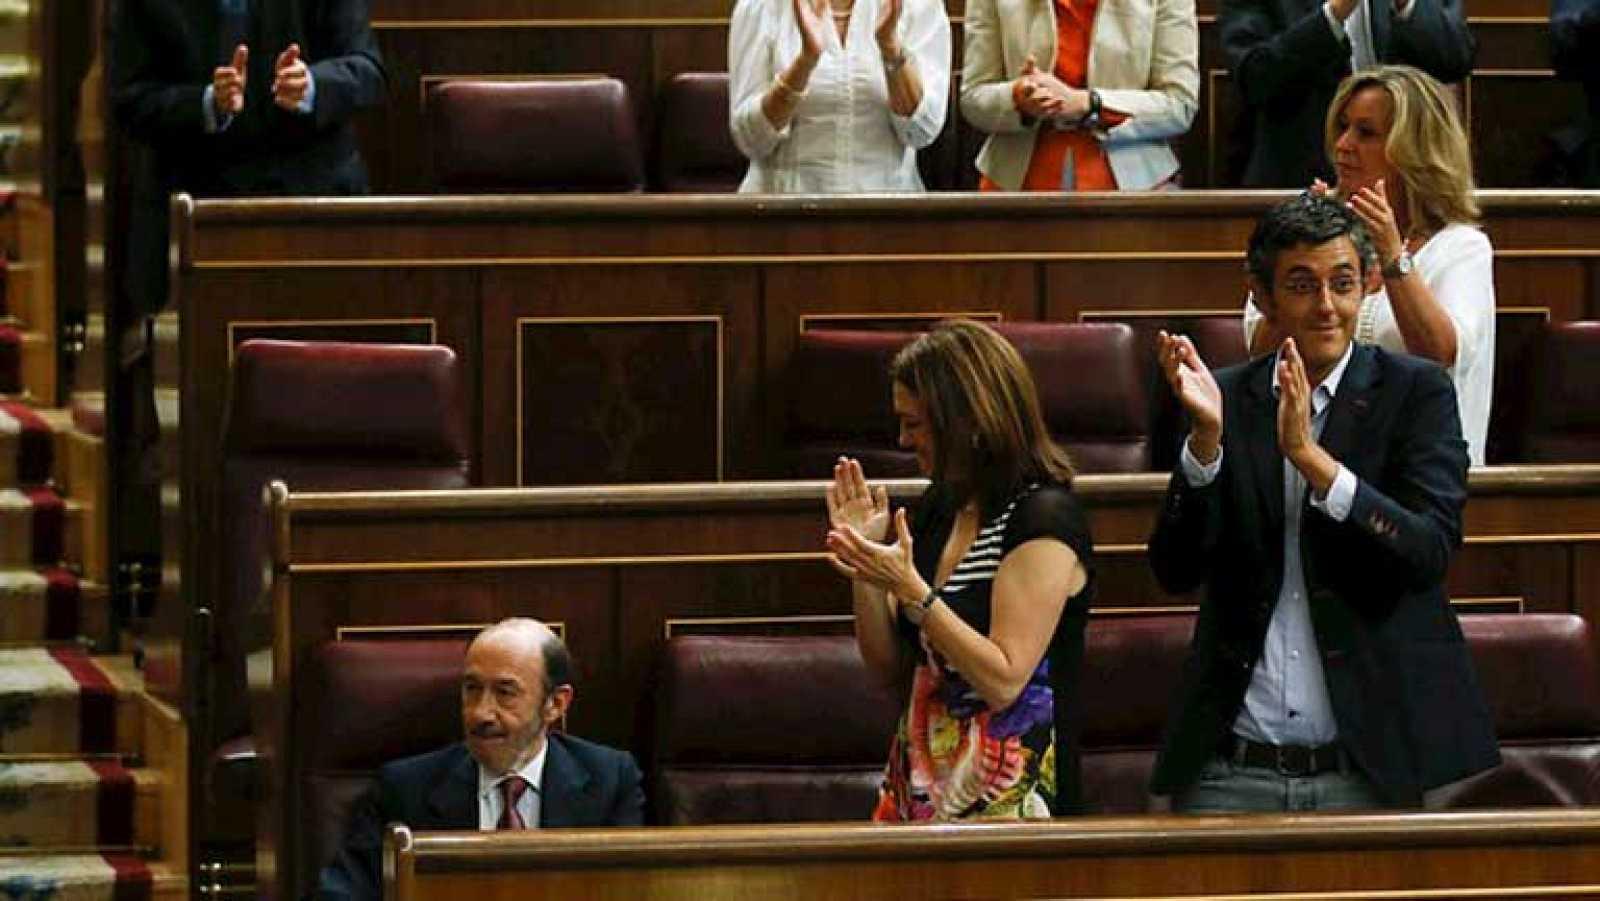 Rubalcaba recibe la ovación del hemiciclo y elogios del partido